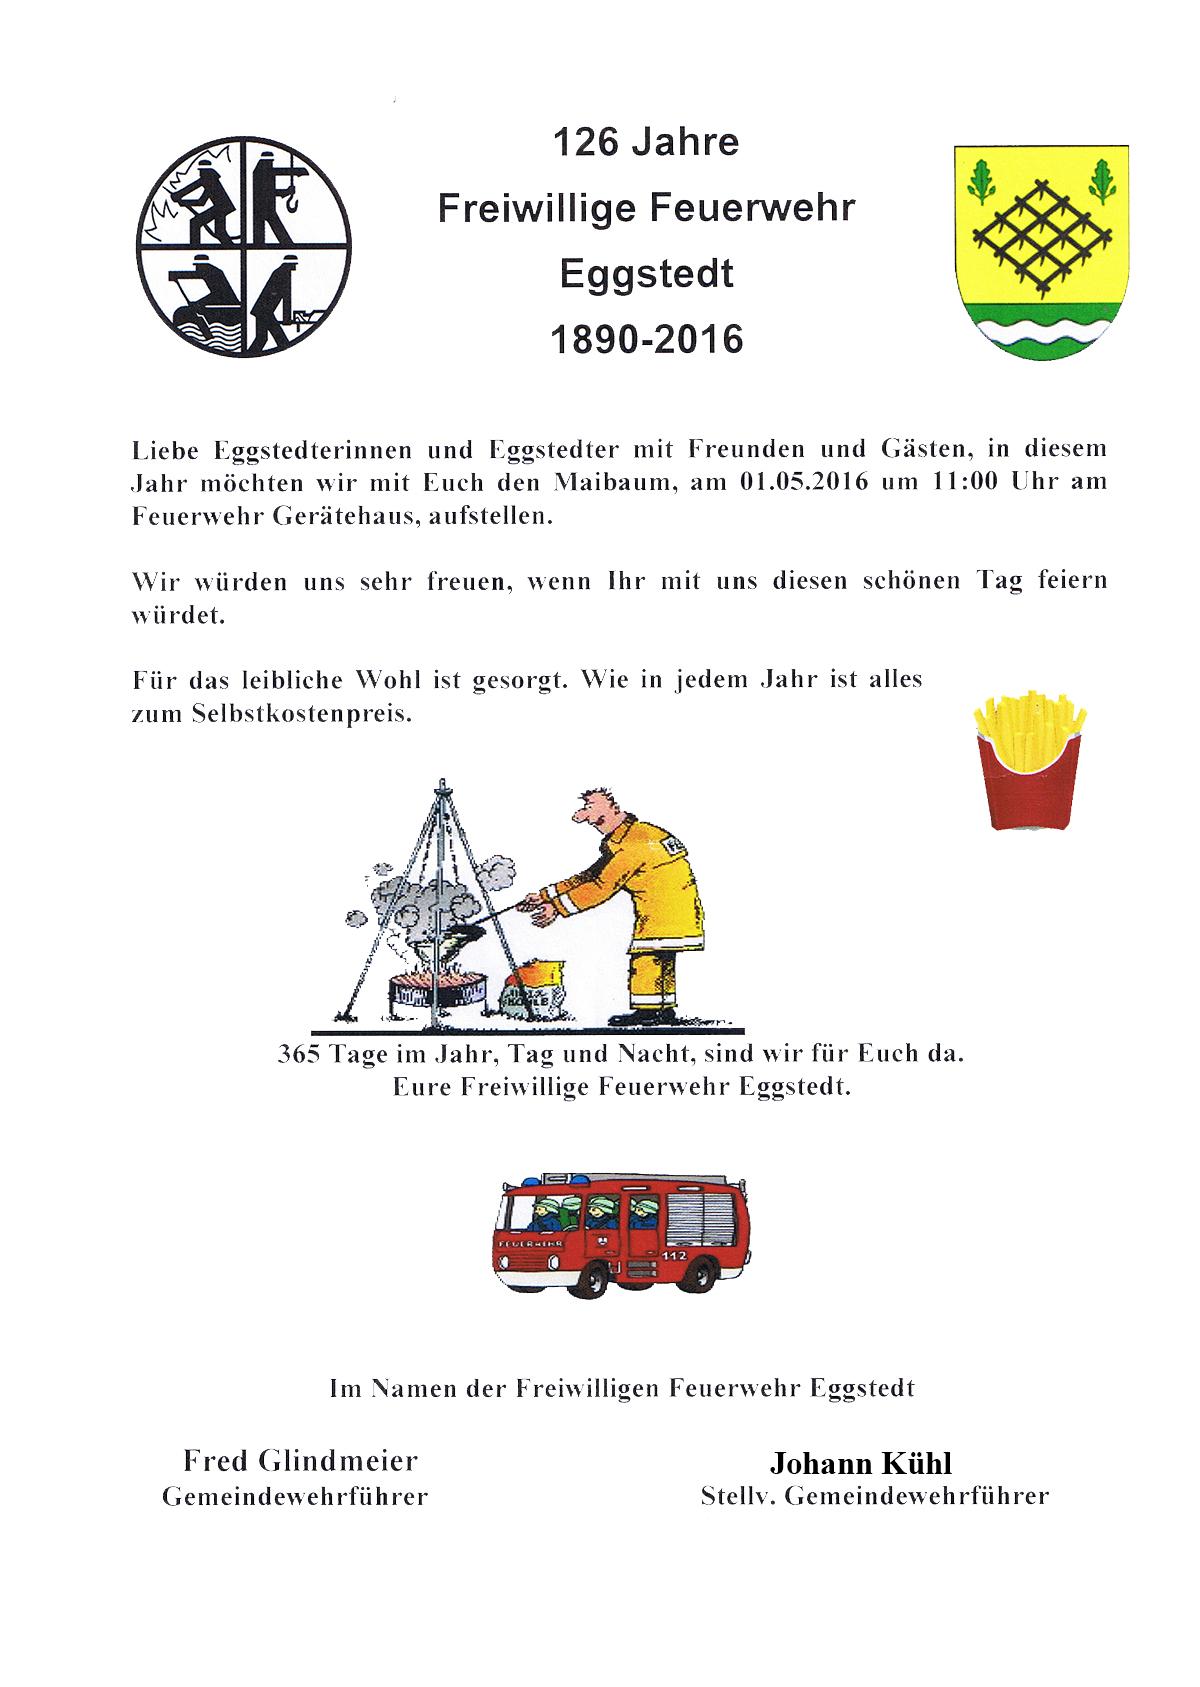 freiwillige feuerwehr eggstedt » einladung: feuerwehr eggstedt, Einladungen